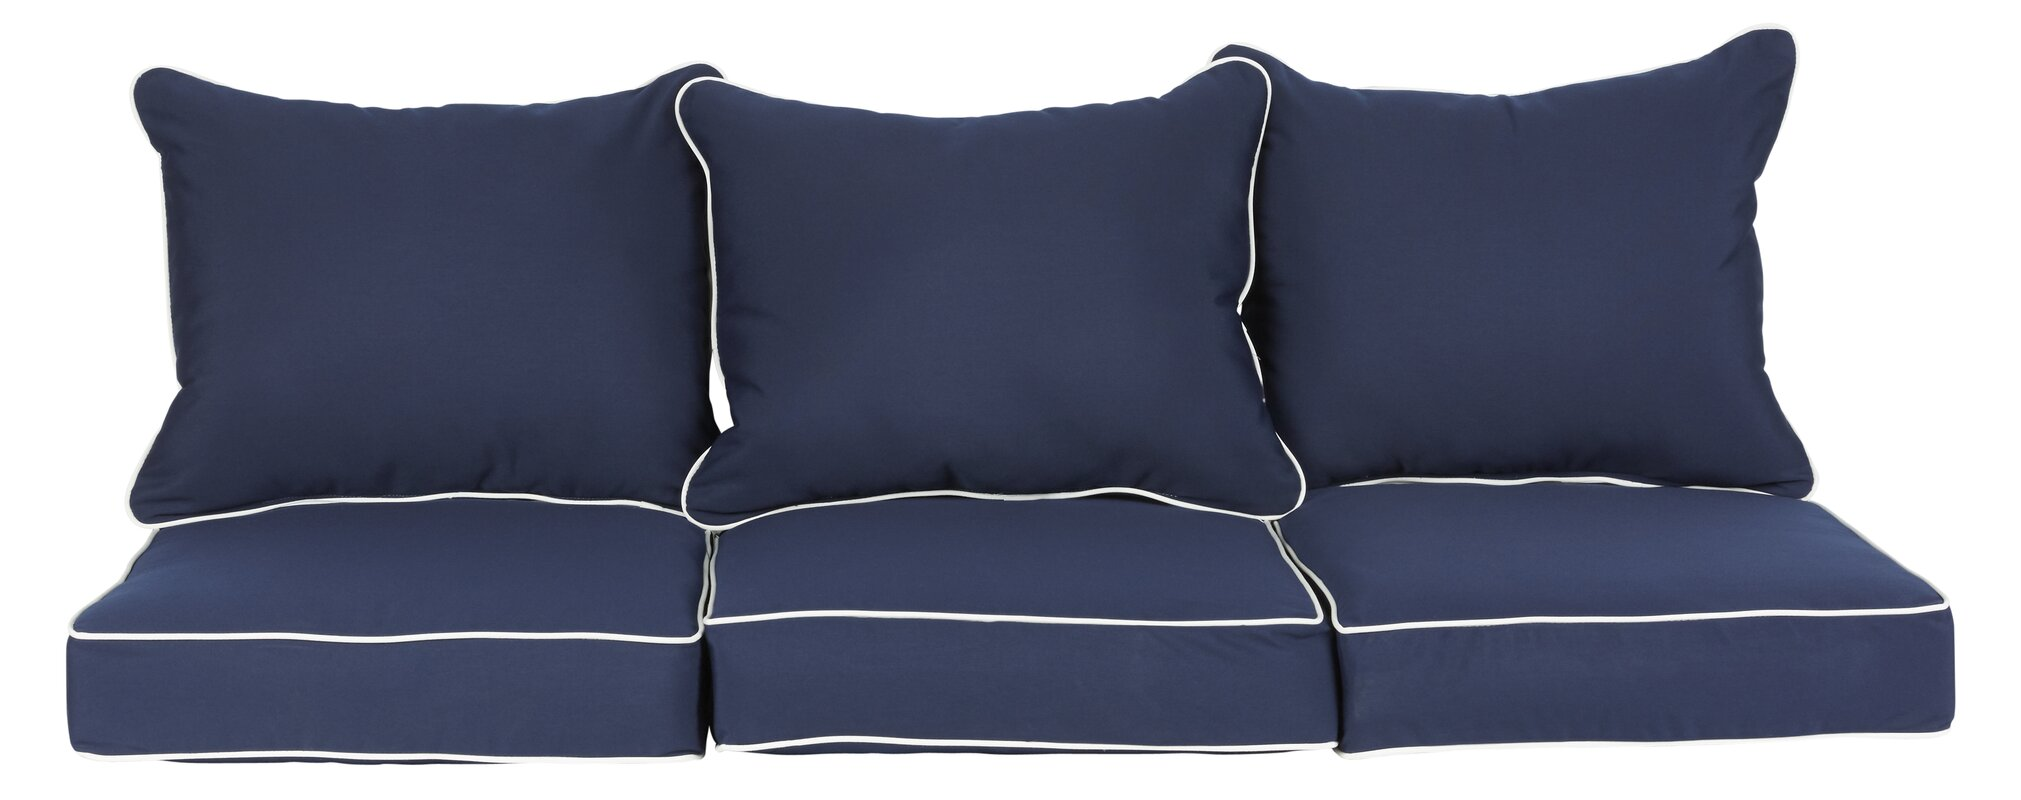 Ginsberg Indoor/Outdoor Sunbrella Sofa Cushion